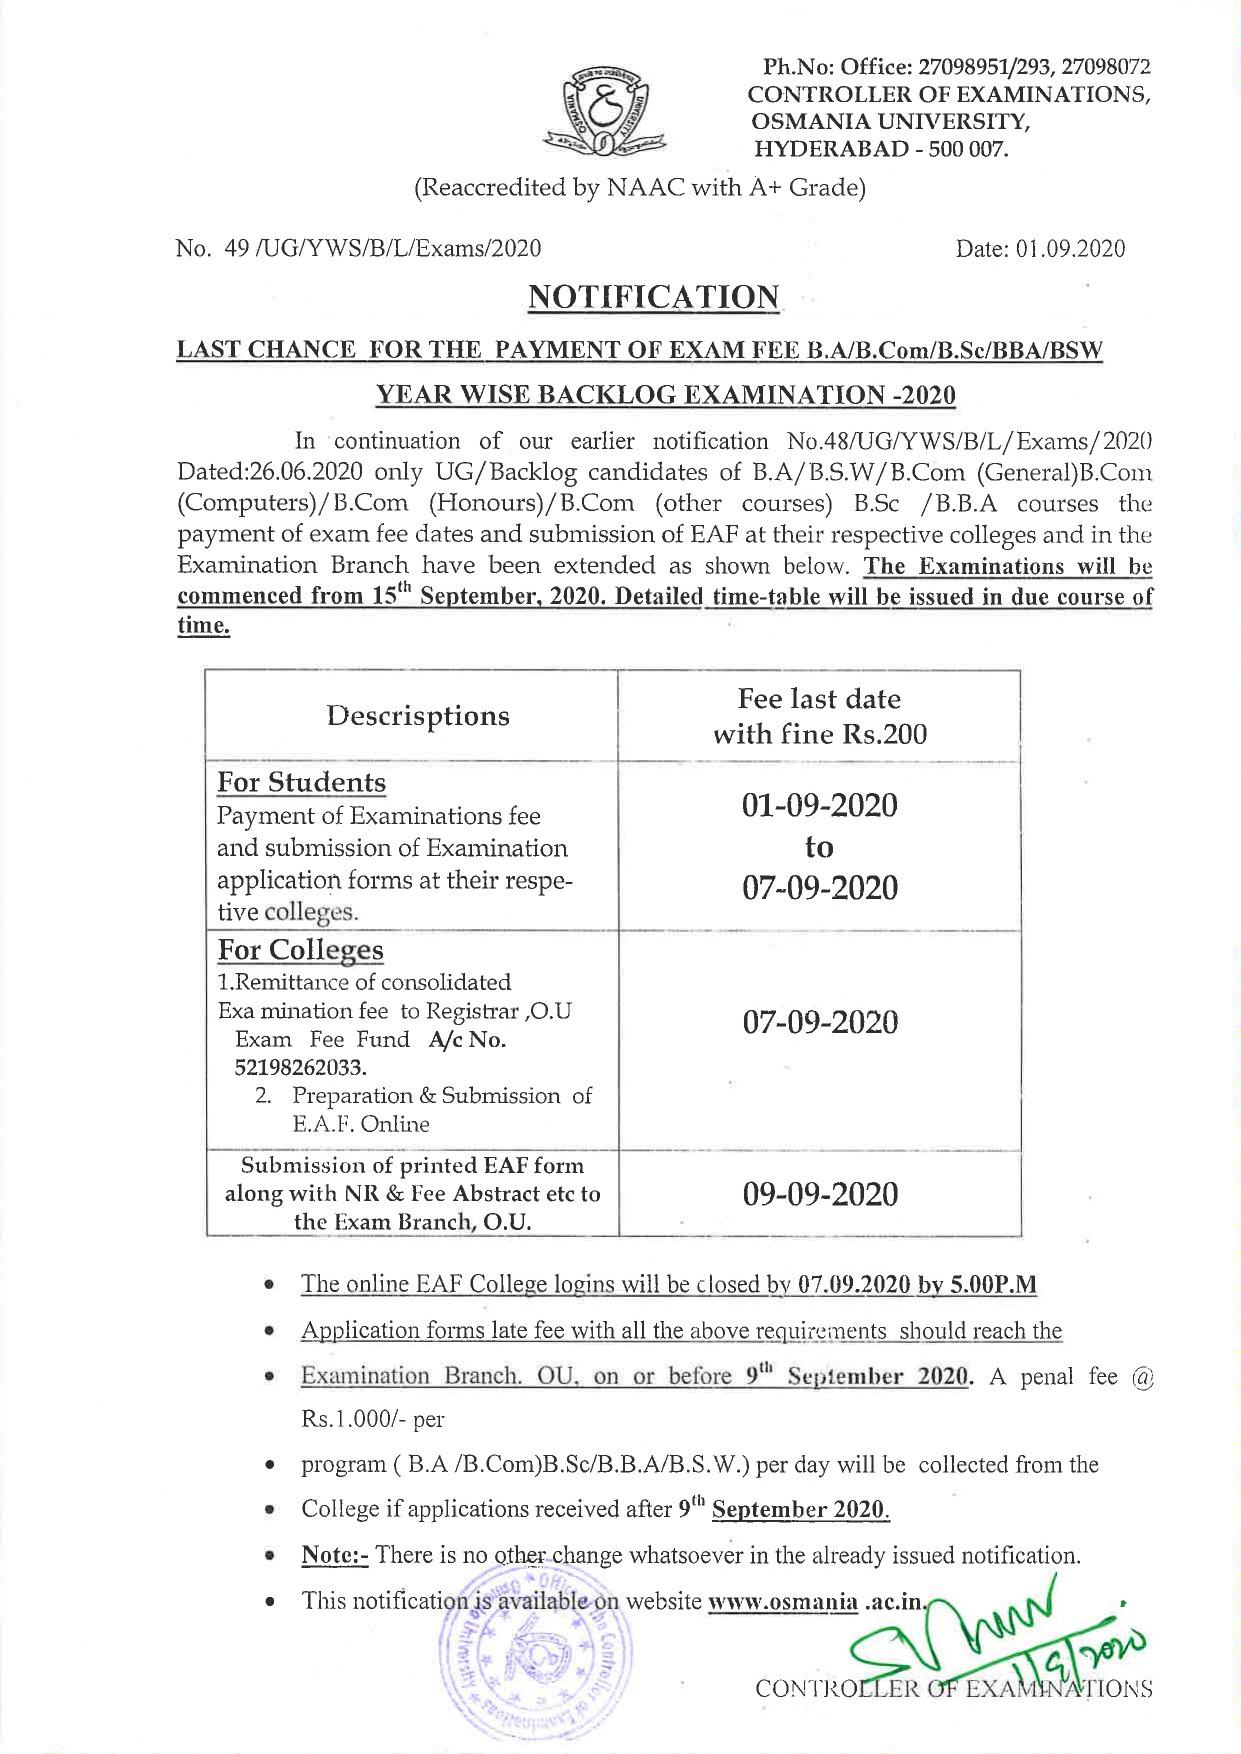 Osmania University UG Year Wise Backlog Sep 2020 Exam Fee Notification